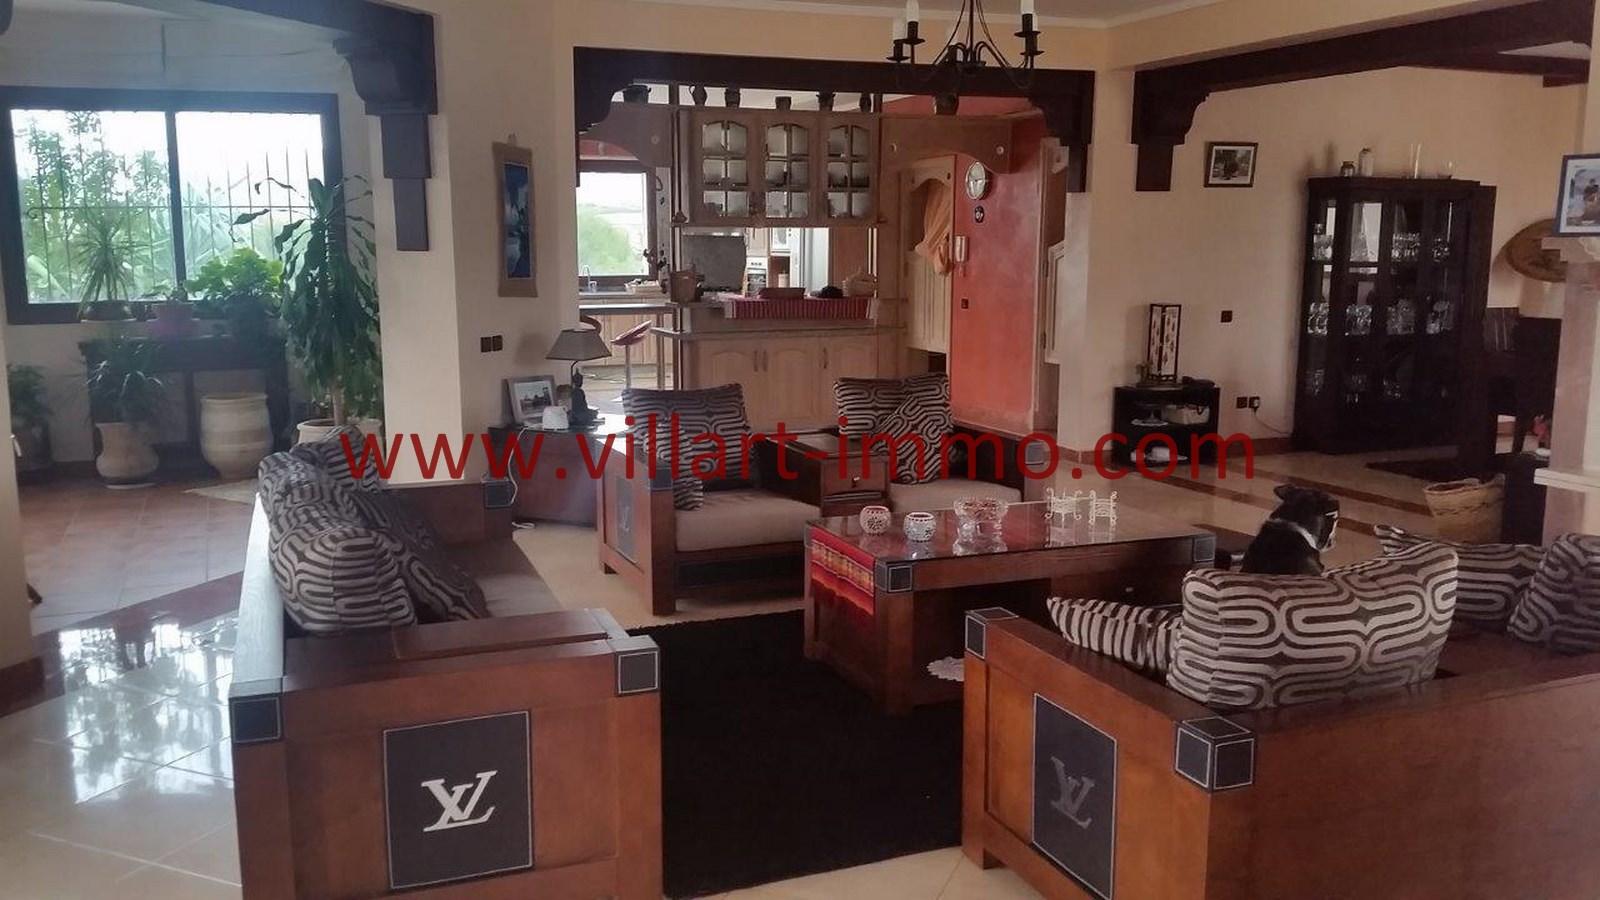 3-a-louer-villa-meublee-tanger-achakar-salon-3-lsat914-villart-immo